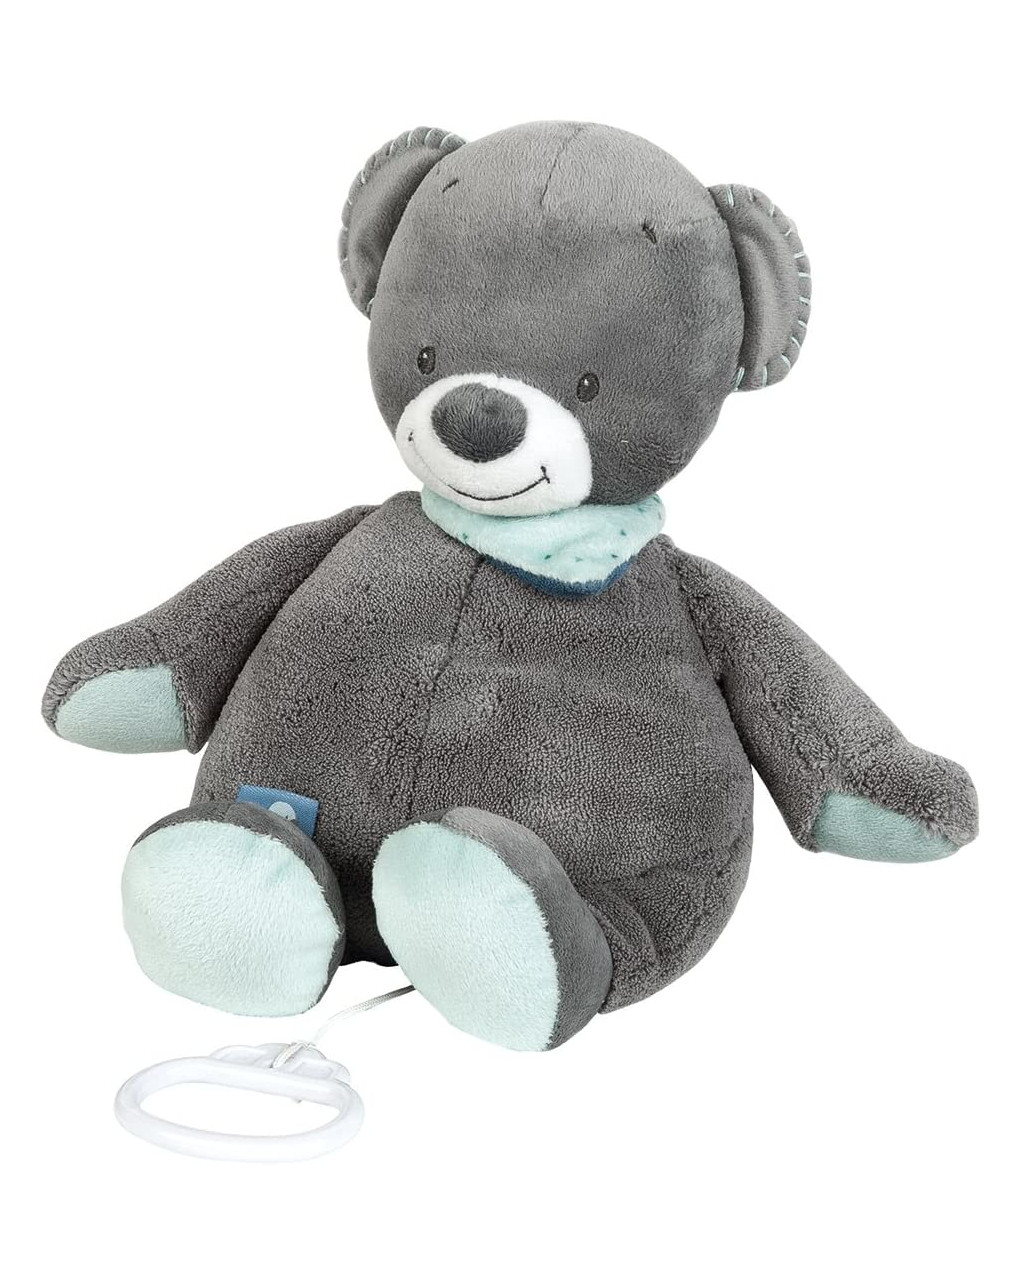 Carrilon jules the bear (0m +) - Nattou